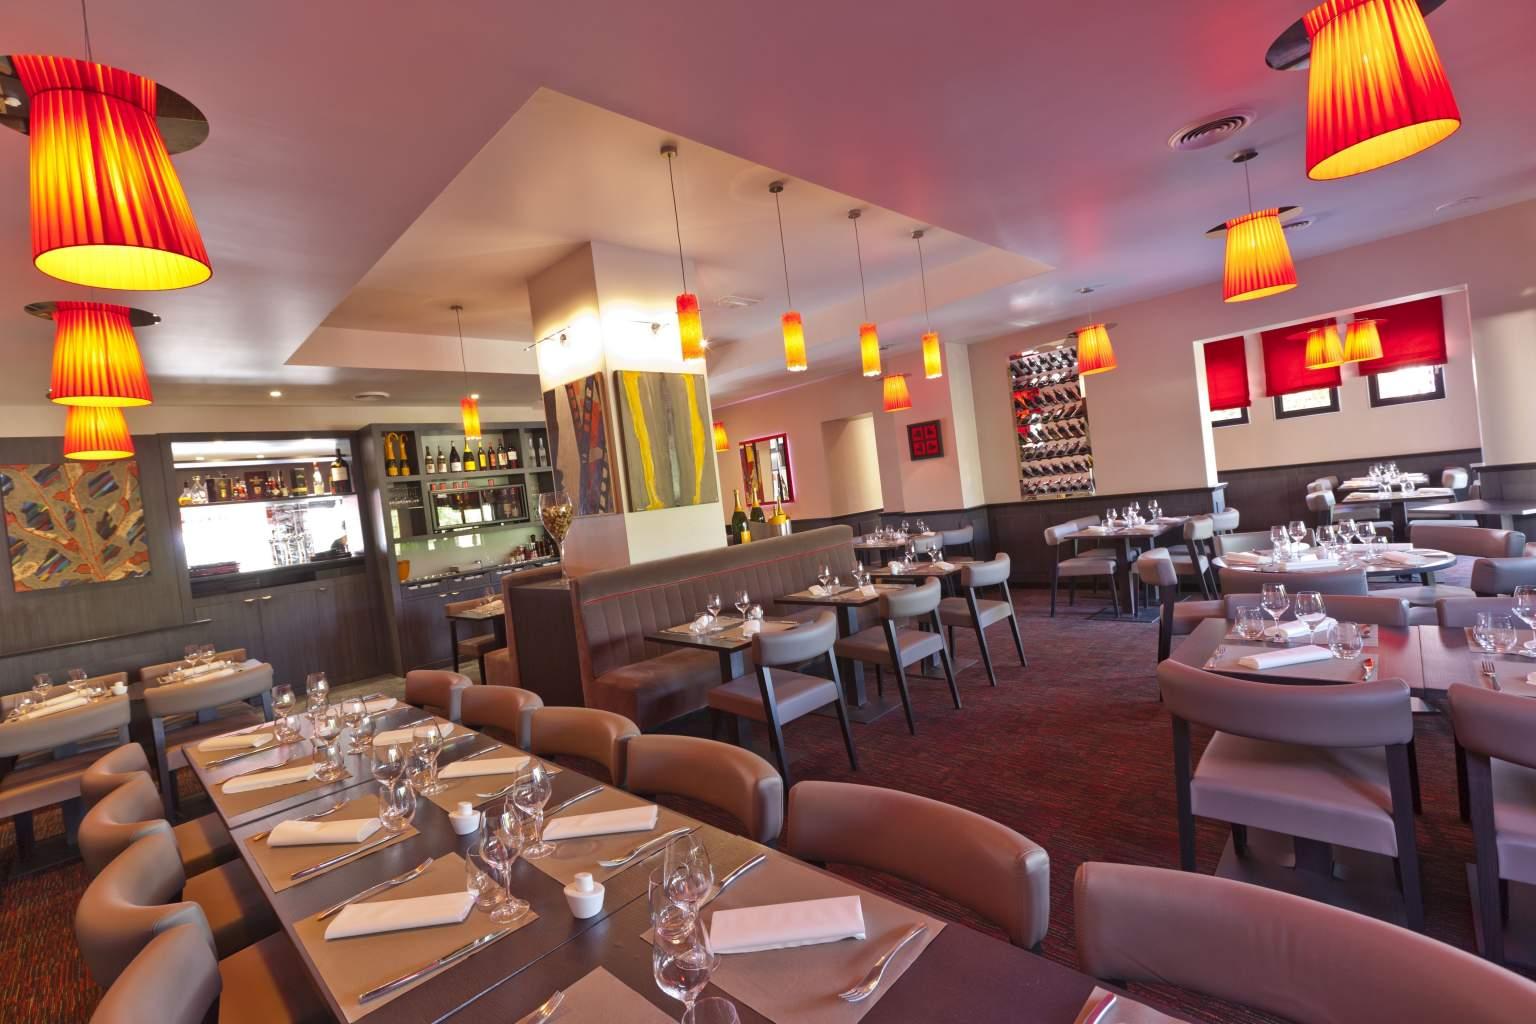 Restaurant Beef and Co Metz